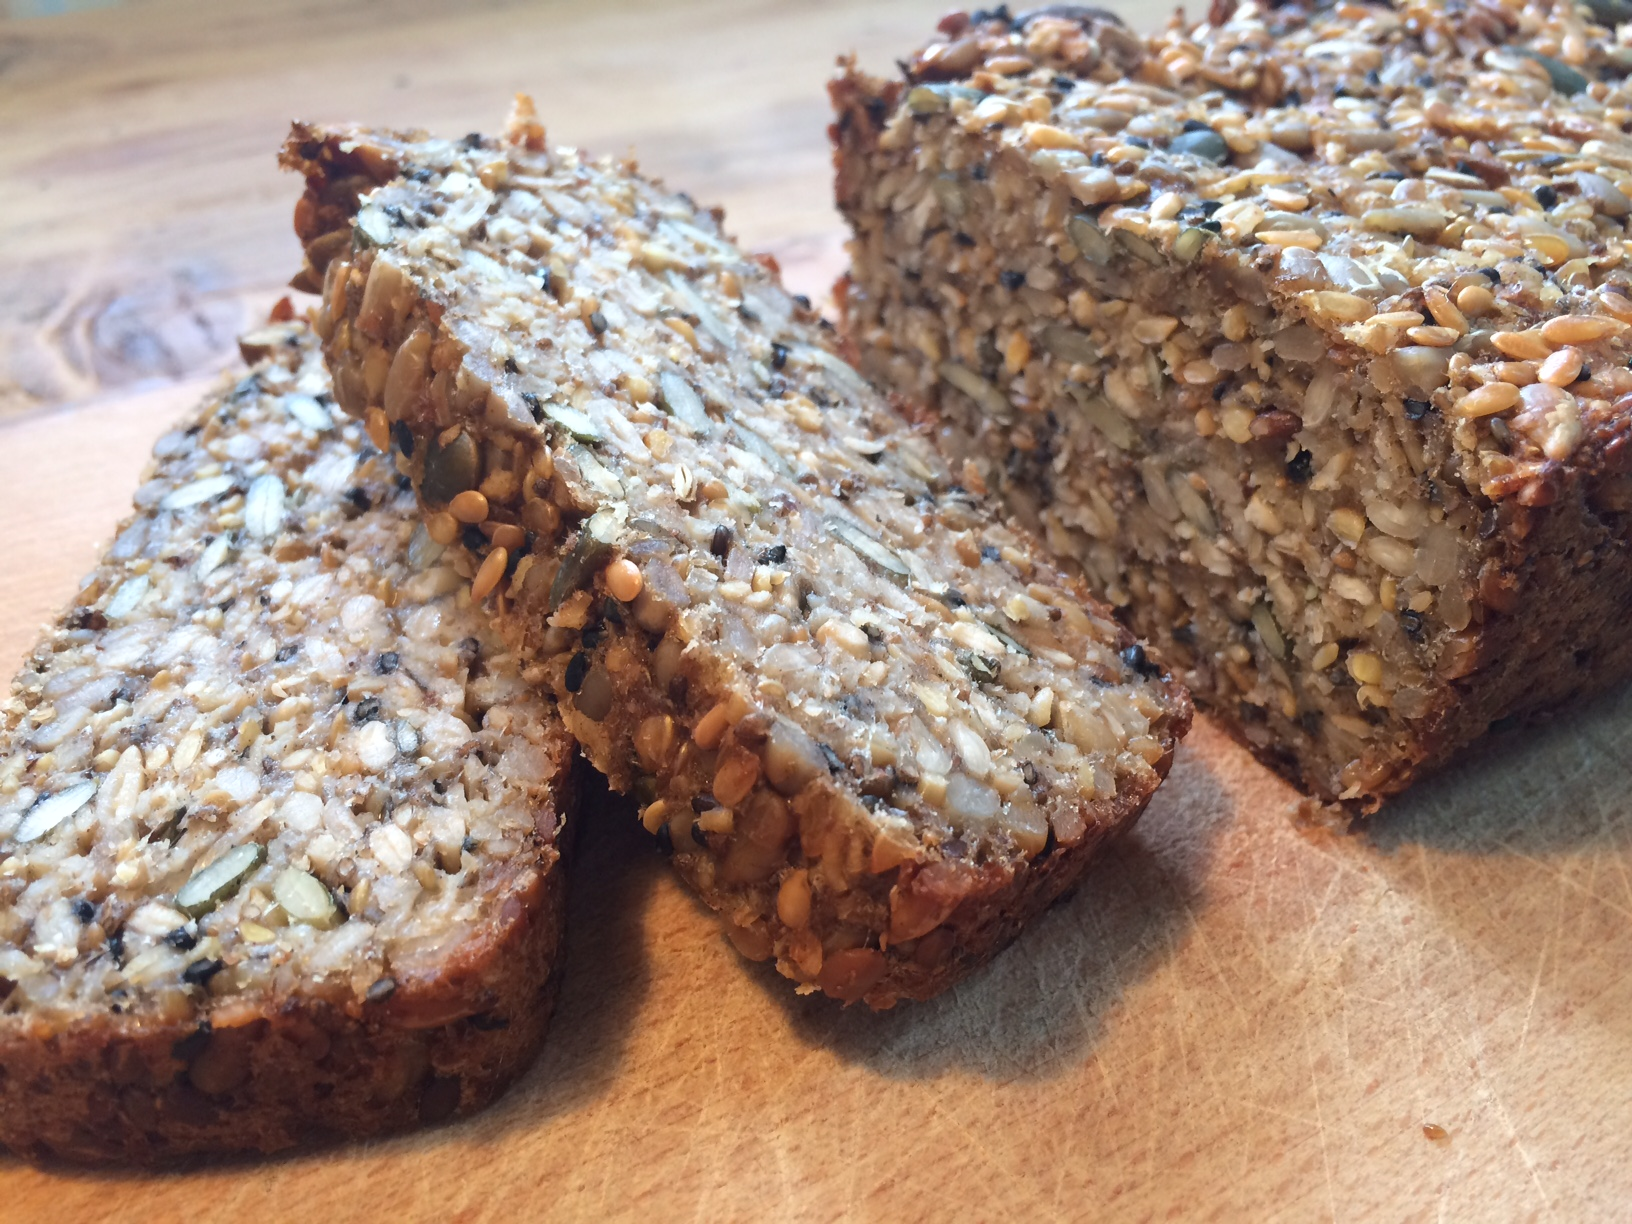 Plnozrnný chlieb